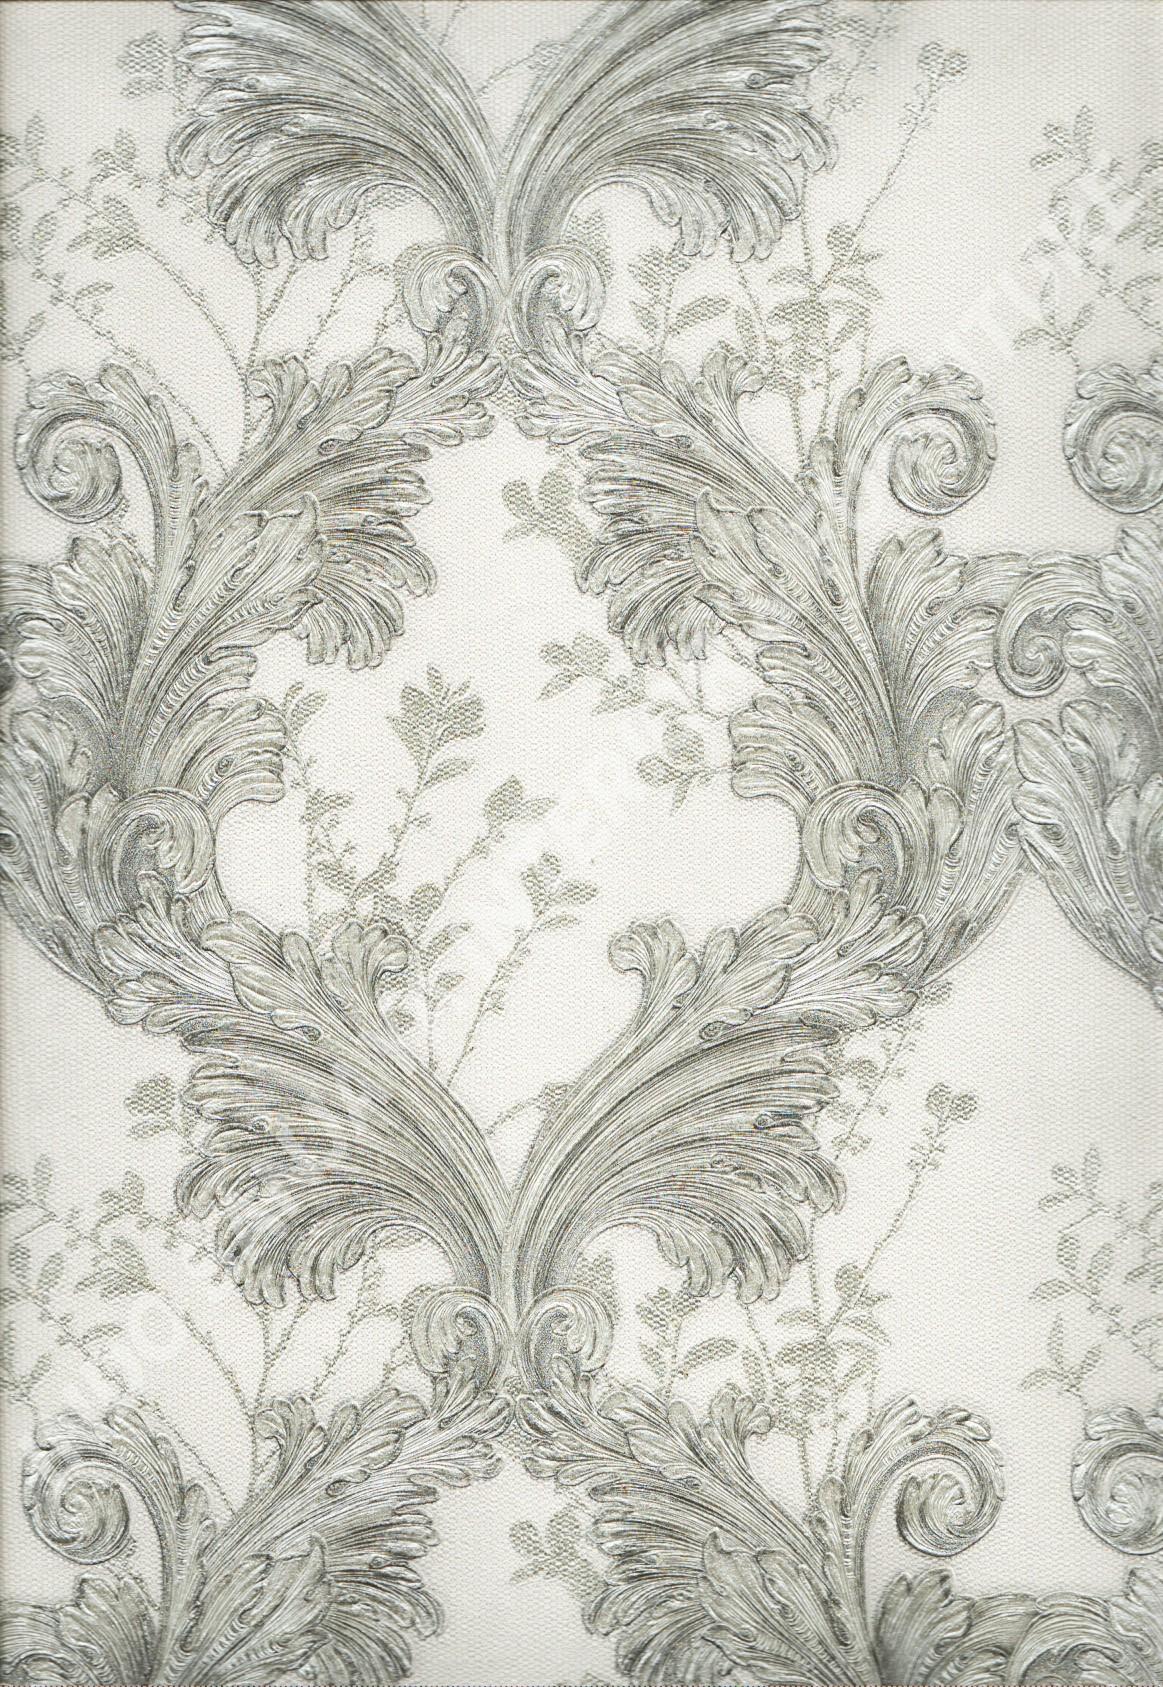 wallpaper   Wallpaper Bunga 87023:87023 corak  warna